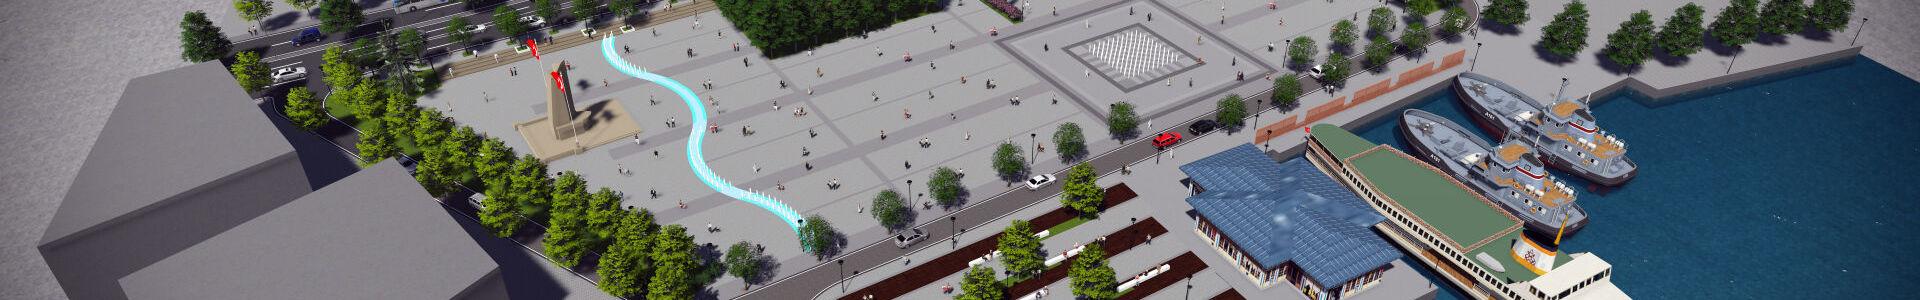 Beşiktaş Meydan Düzenleme Projesi